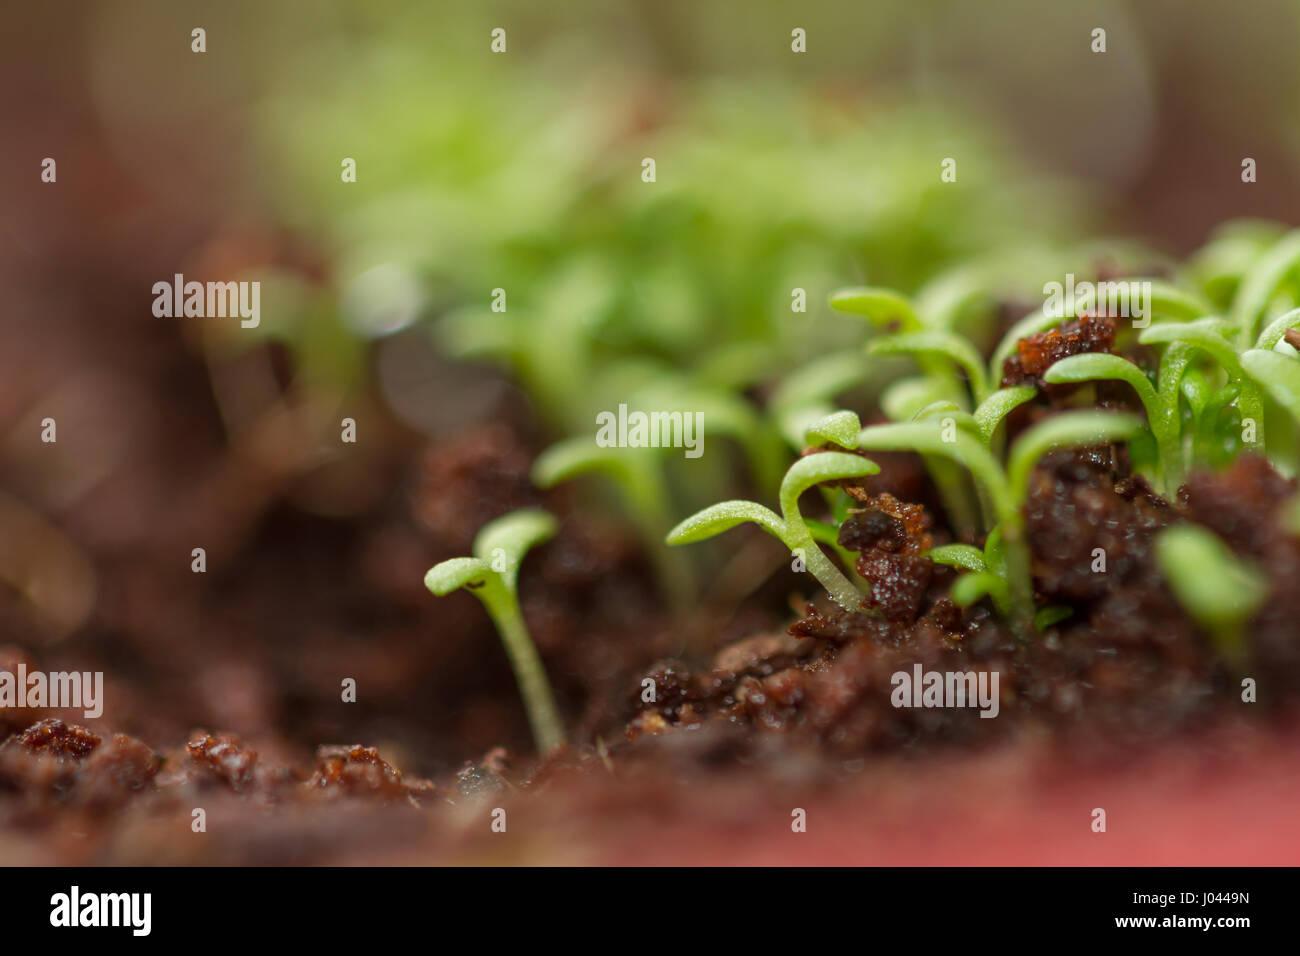 Verde germogli di camomilla. I germogli di crescione Foto Stock